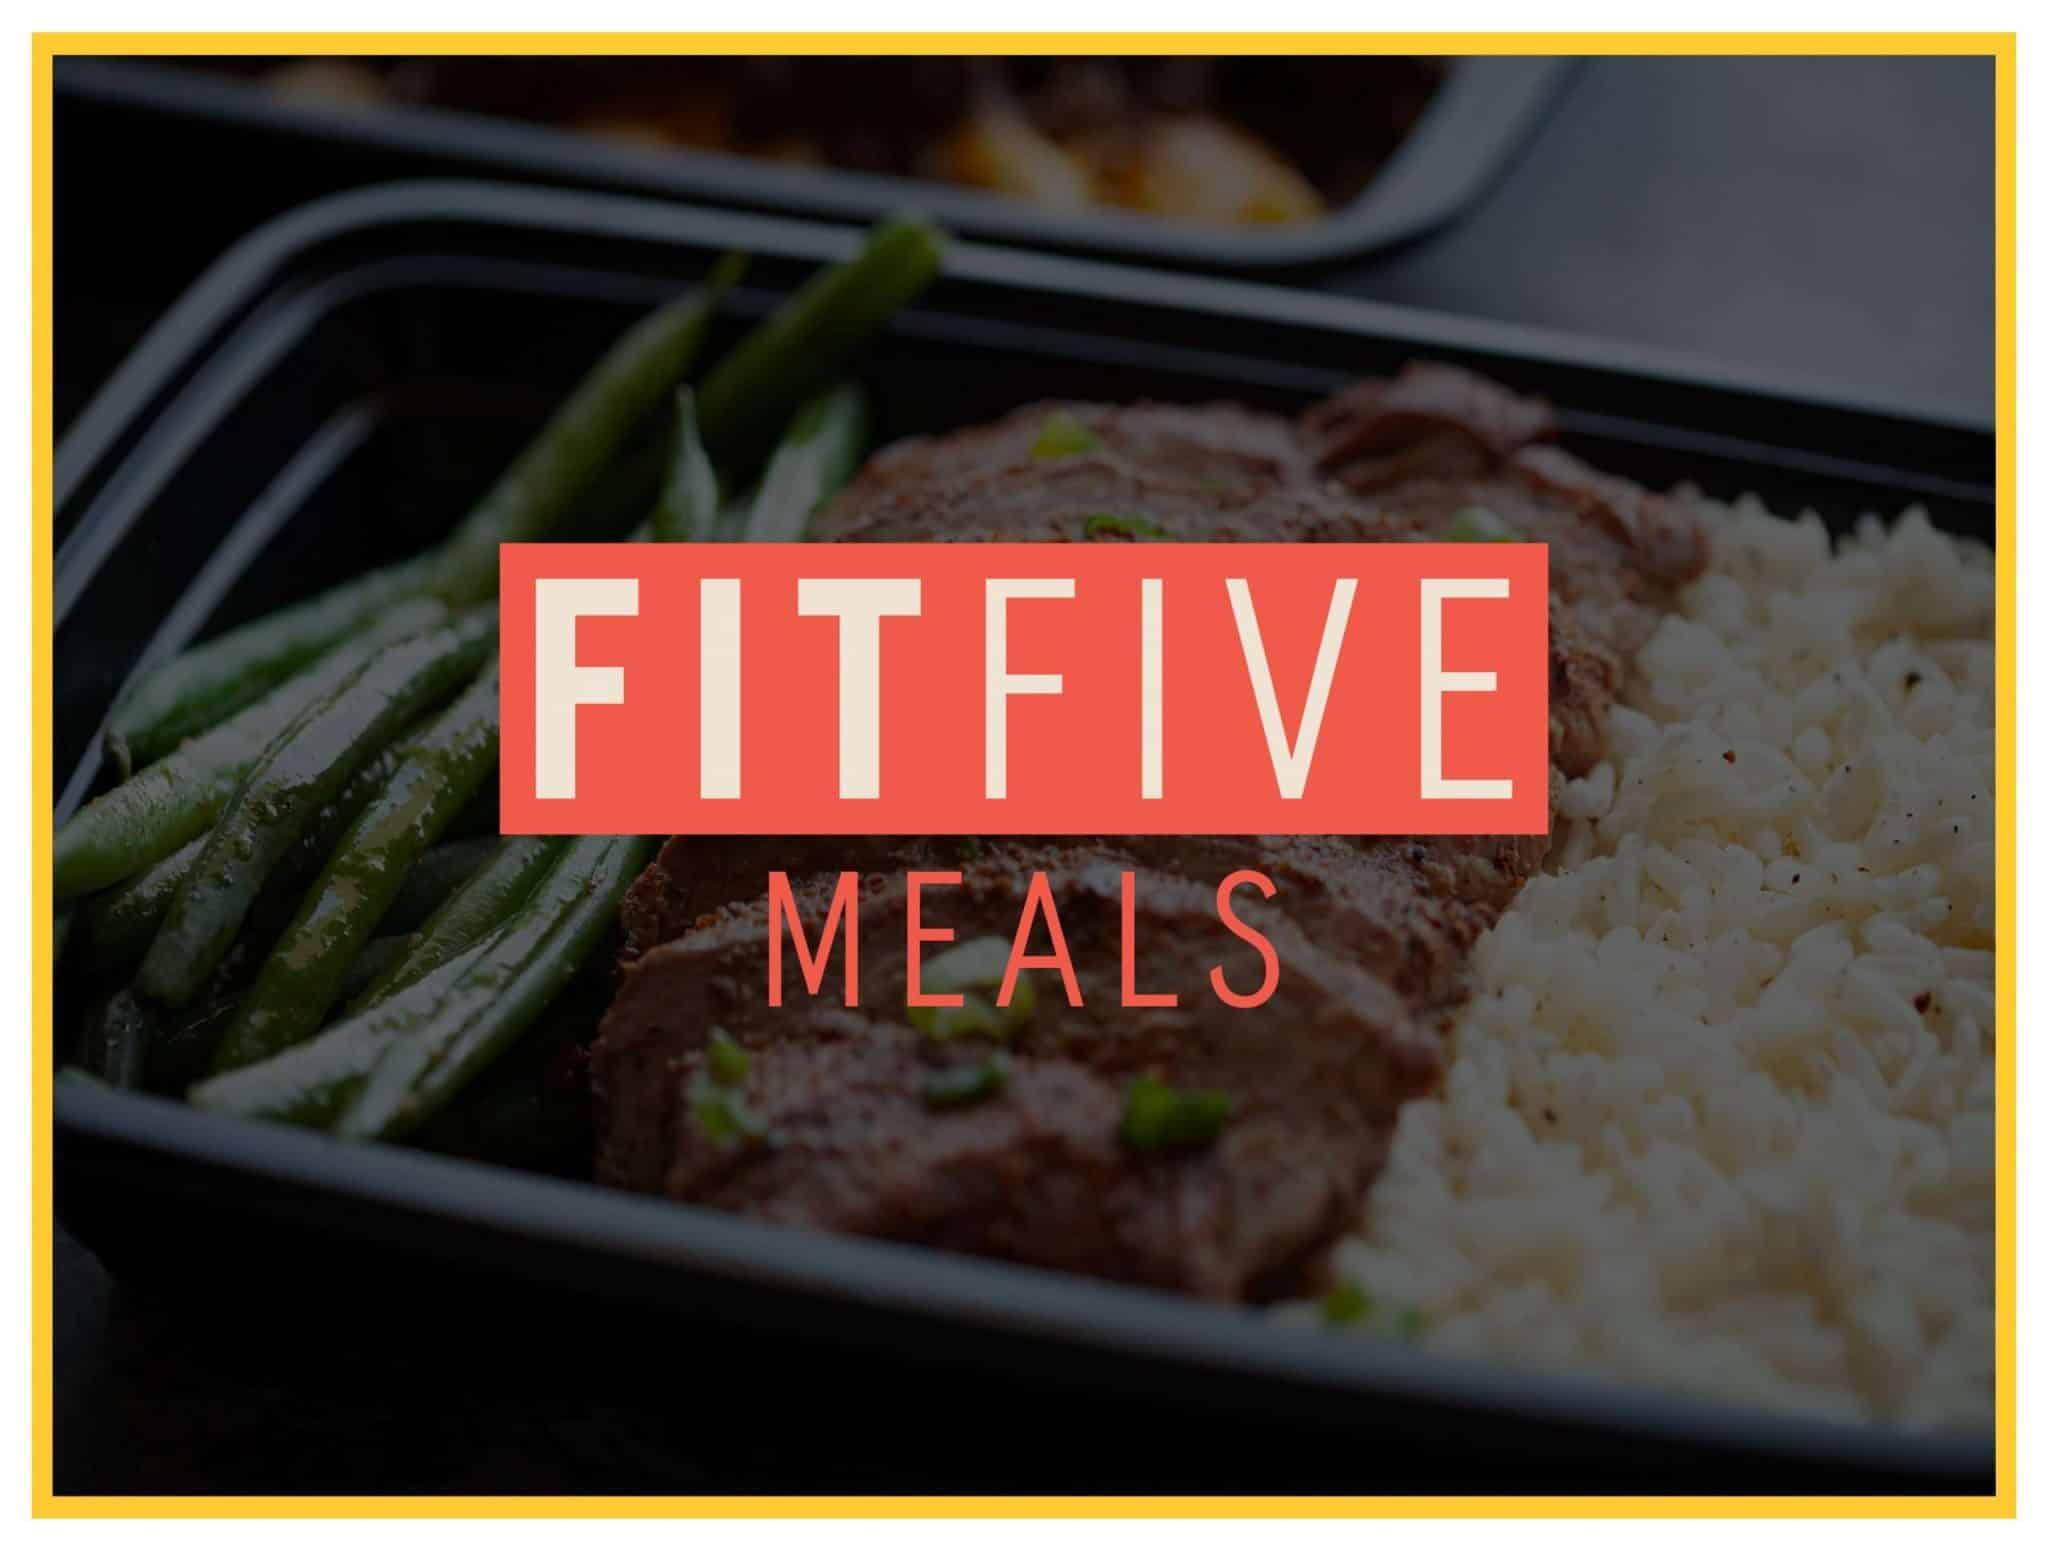 Dotedison_CS_Fit Five Meals